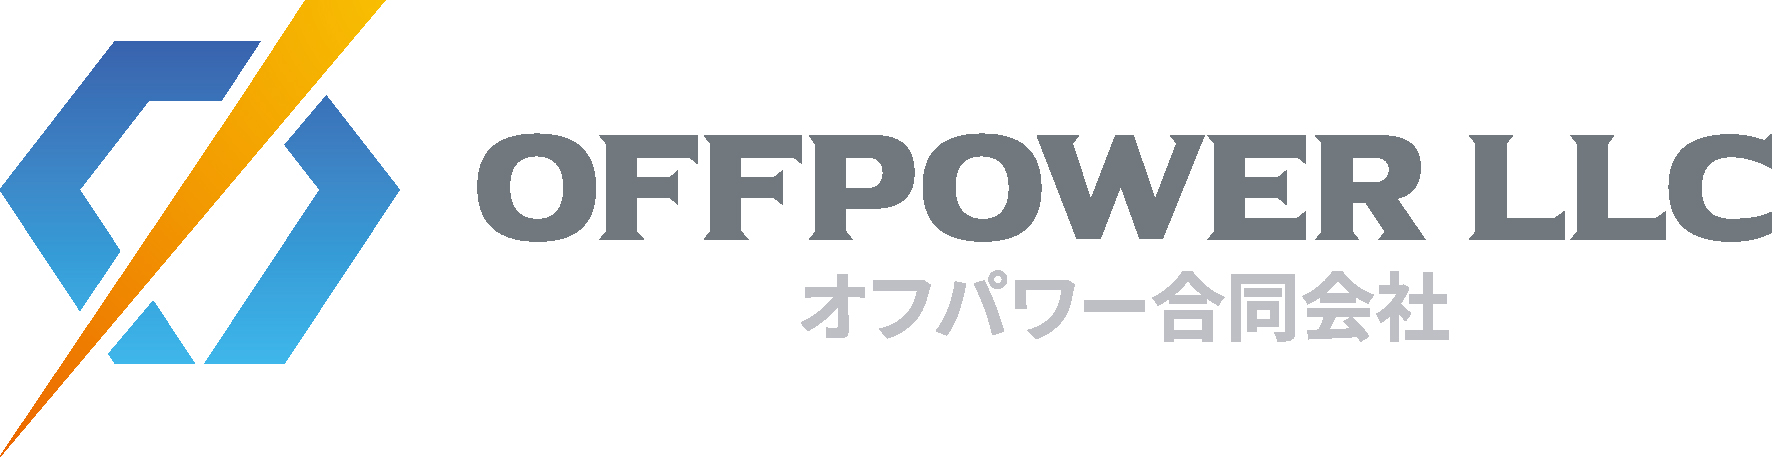 OFFPOWER LLC